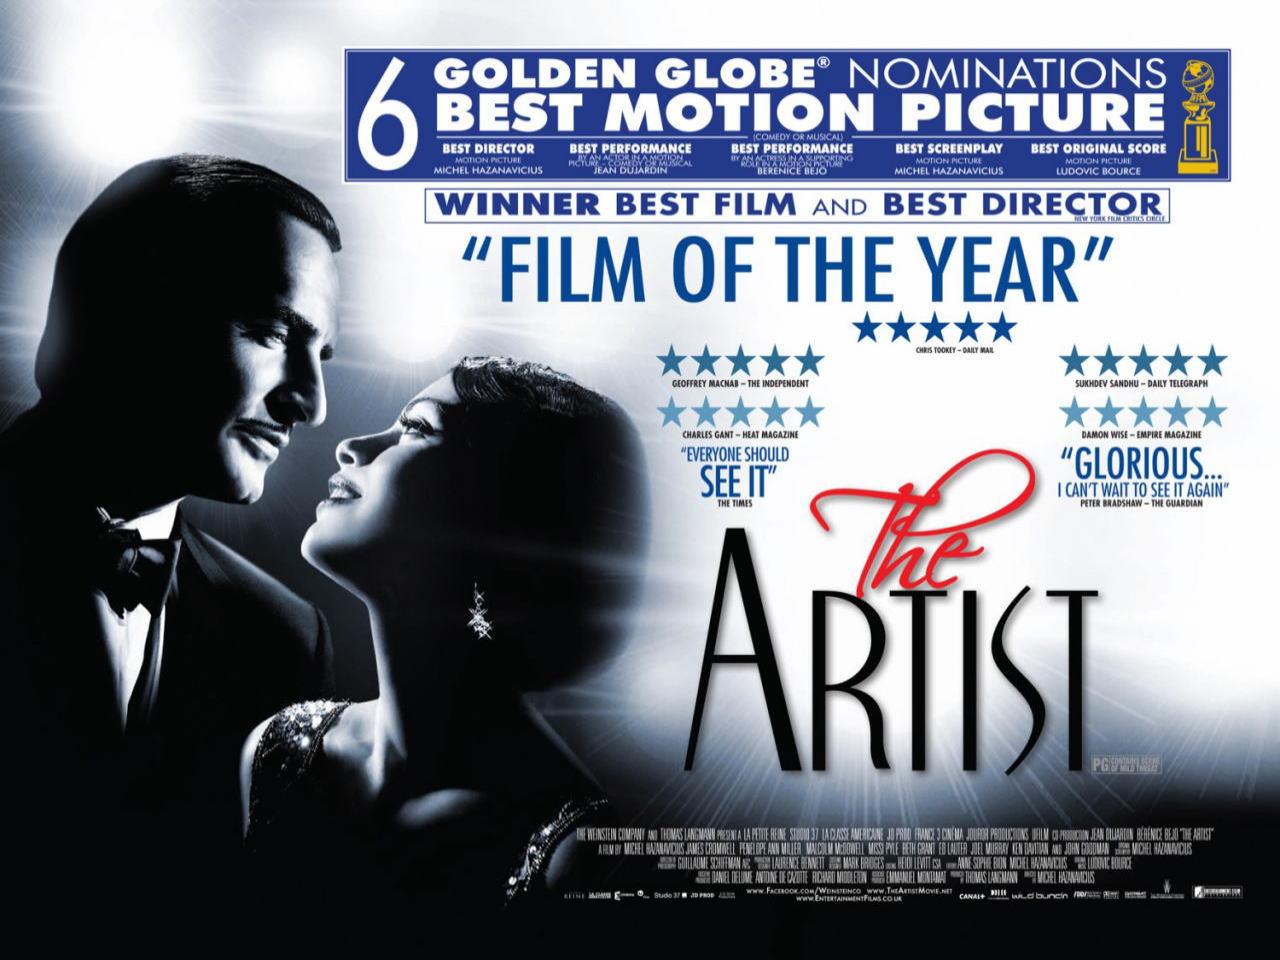 映画『アーティスト THE ARTIST』ポスター(1)▼ポスター画像クリックで拡大します。